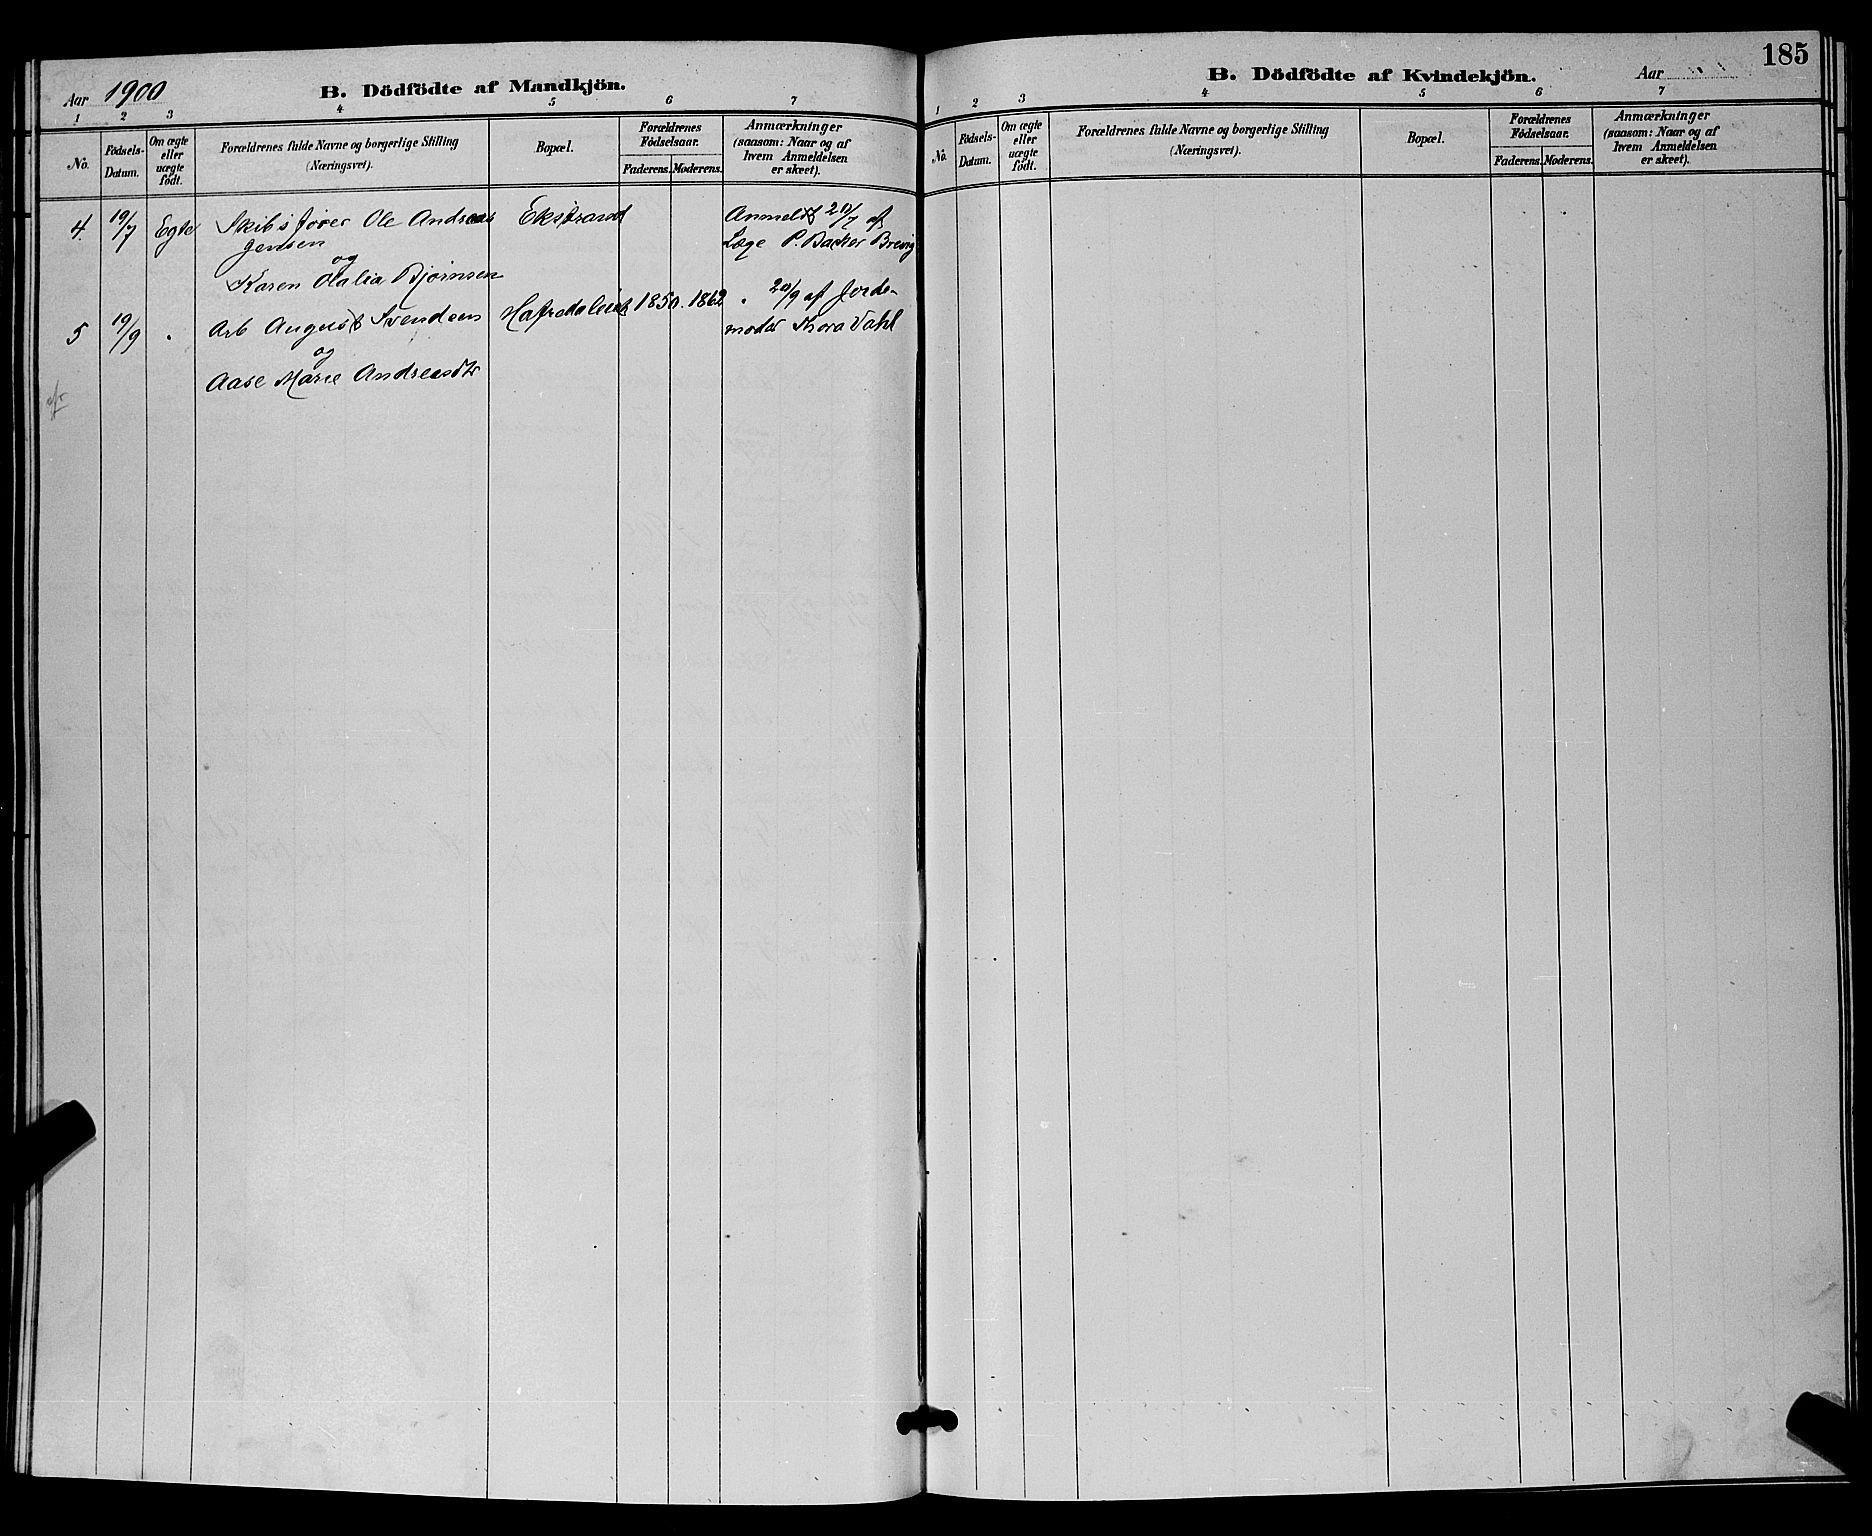 SAKO, Bamble kirkebøker, G/Ga/L0009: Klokkerbok nr. I 9, 1888-1900, s. 185